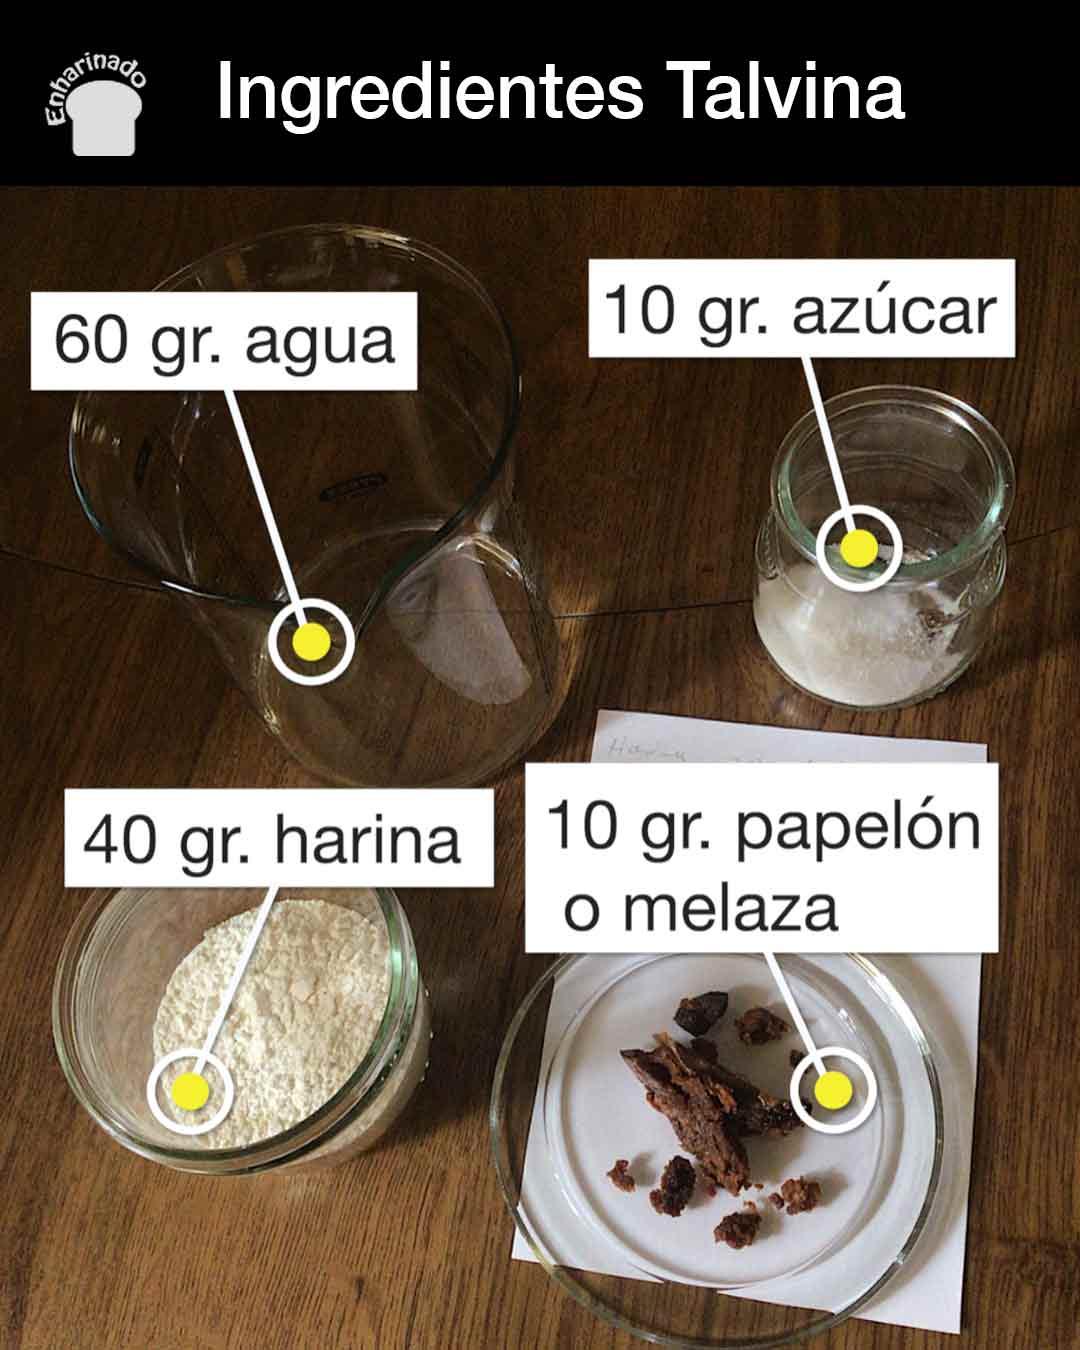 Talvina - Ingredientes